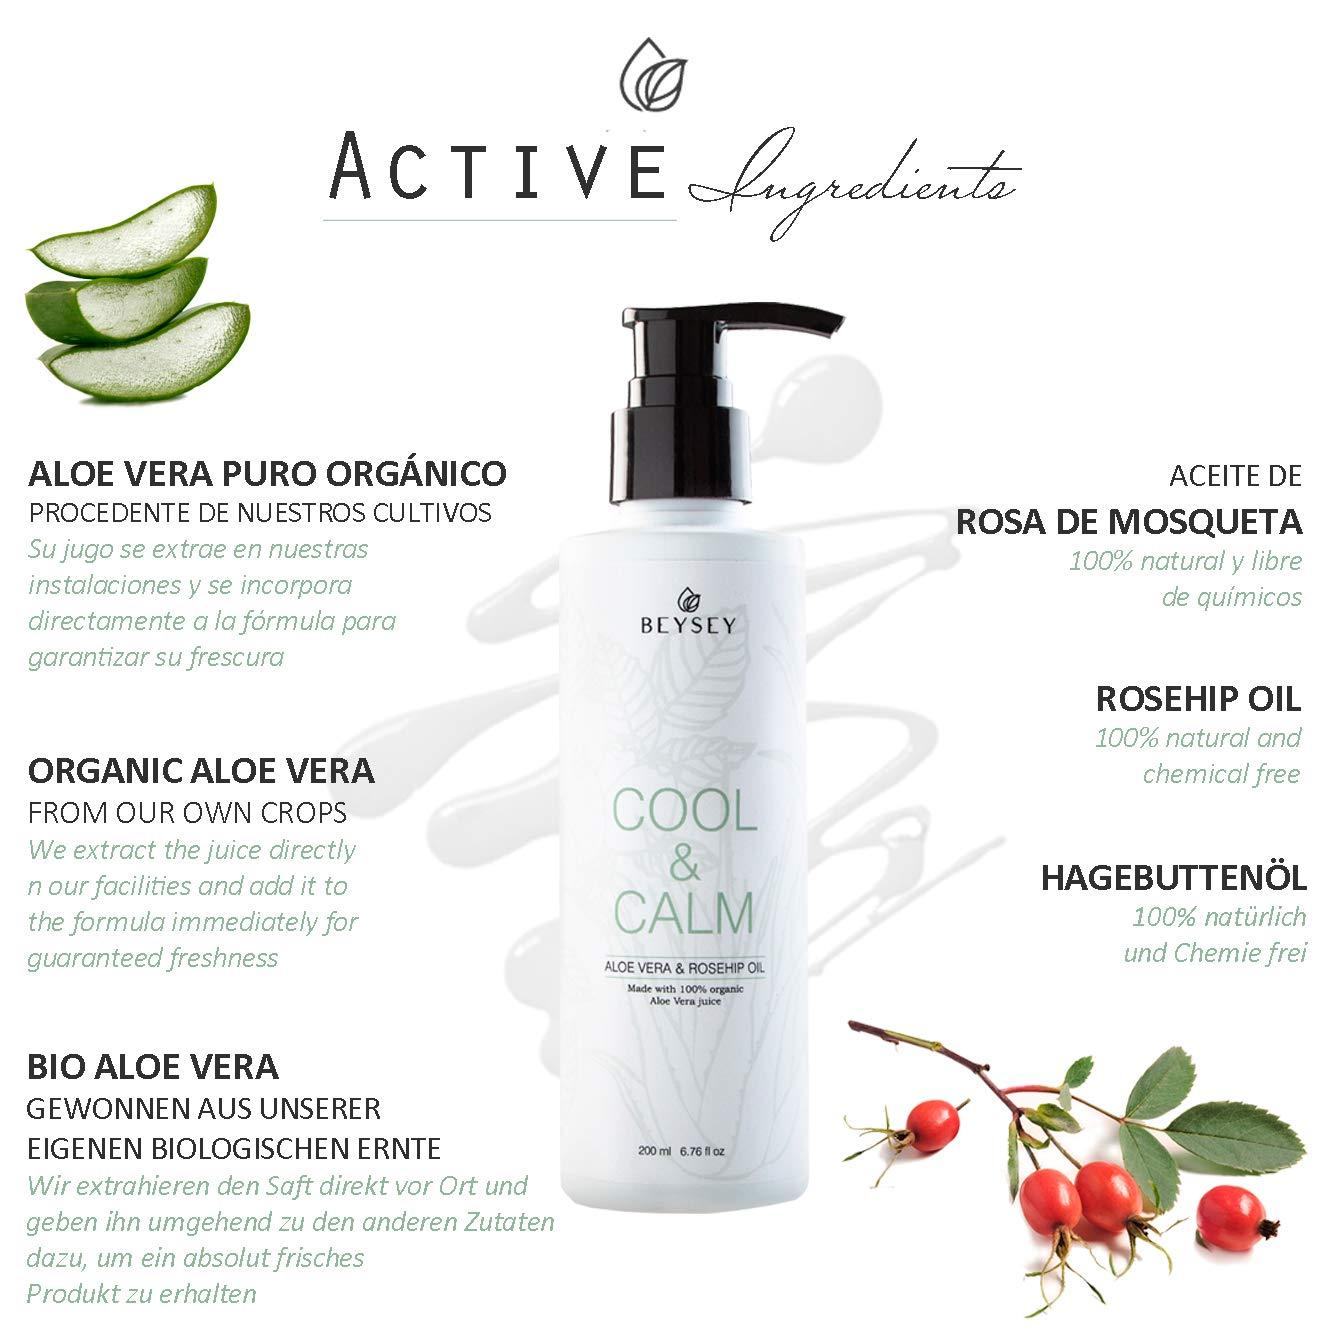 Gel de Aloe Vera Puro 100% ORGÁNICO con Aceite de Rosa de Mosqueta - Crema Corporal Hidratante/Aftersun/Post Depilación - Refrescante, Calmante, ...